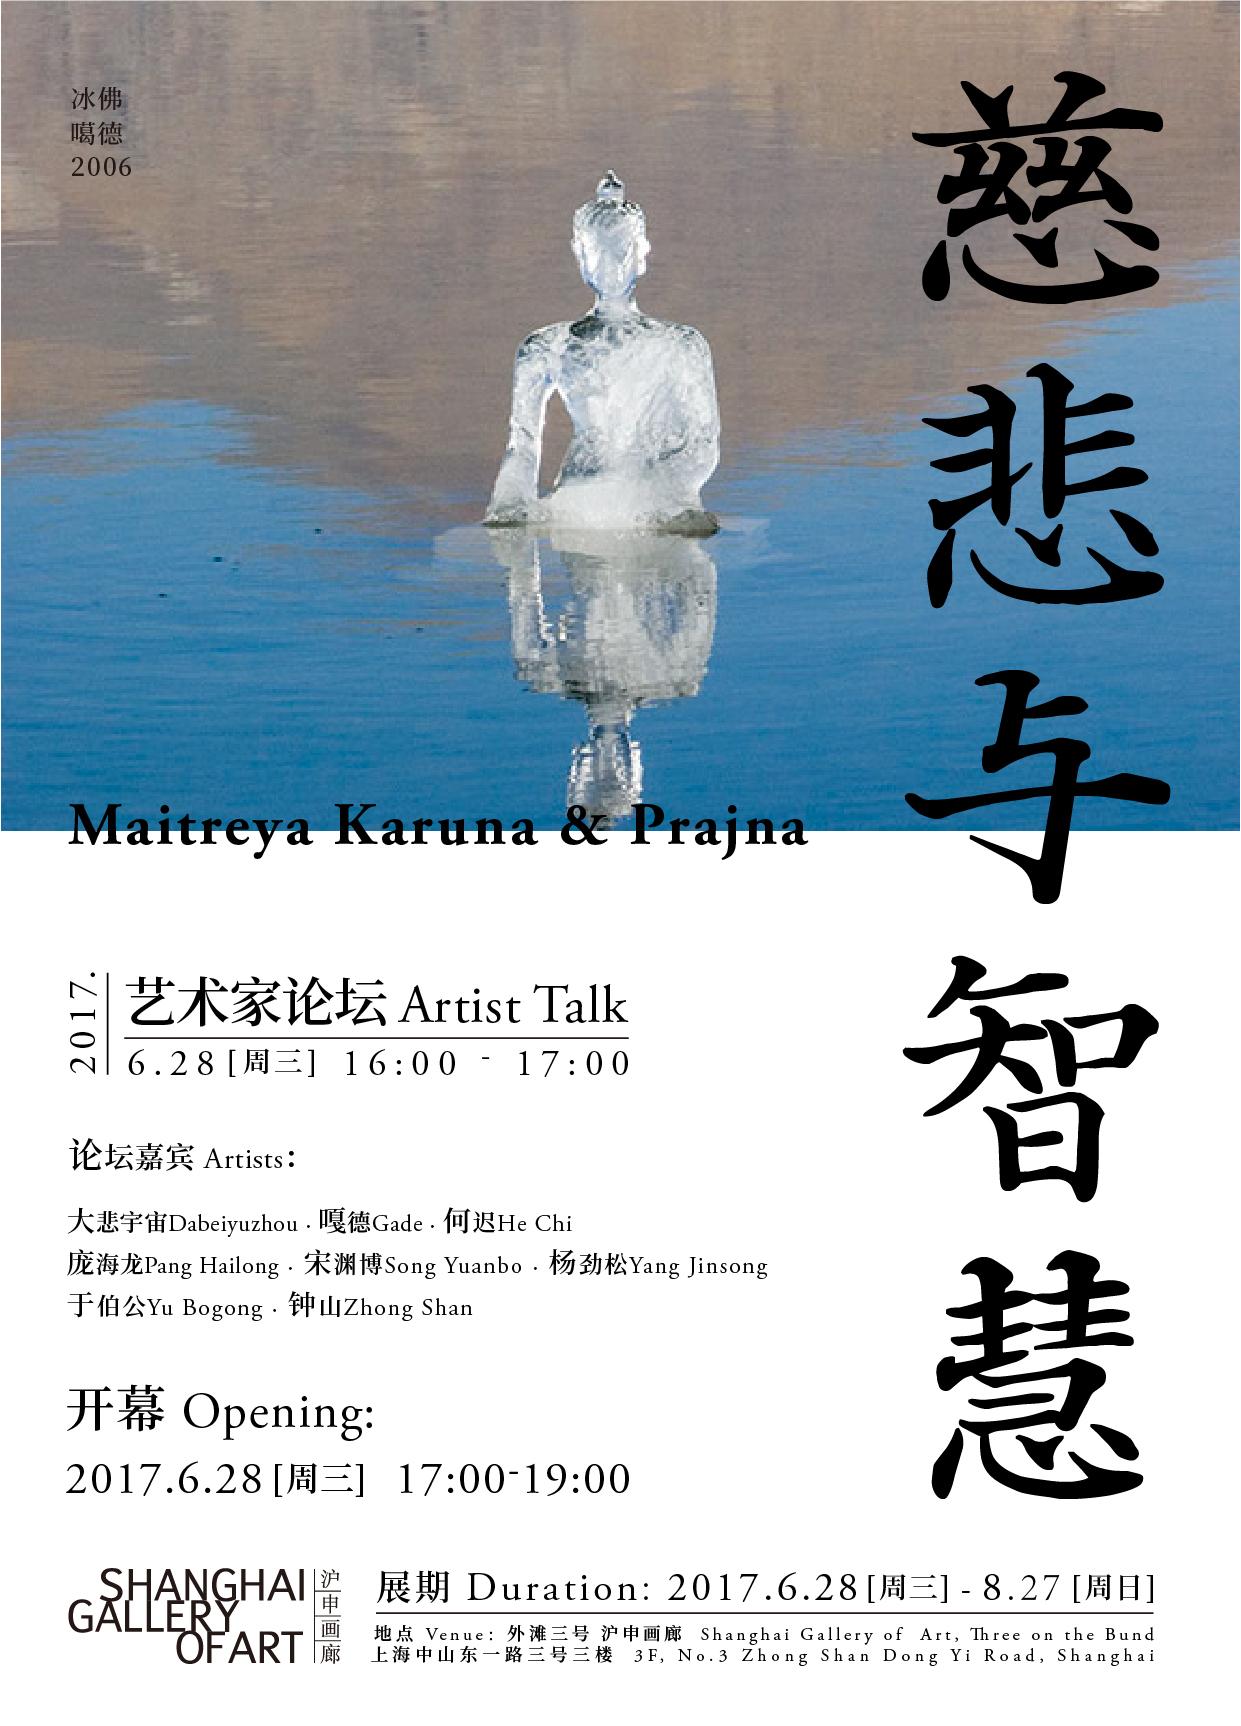 artist talk poster.jpg